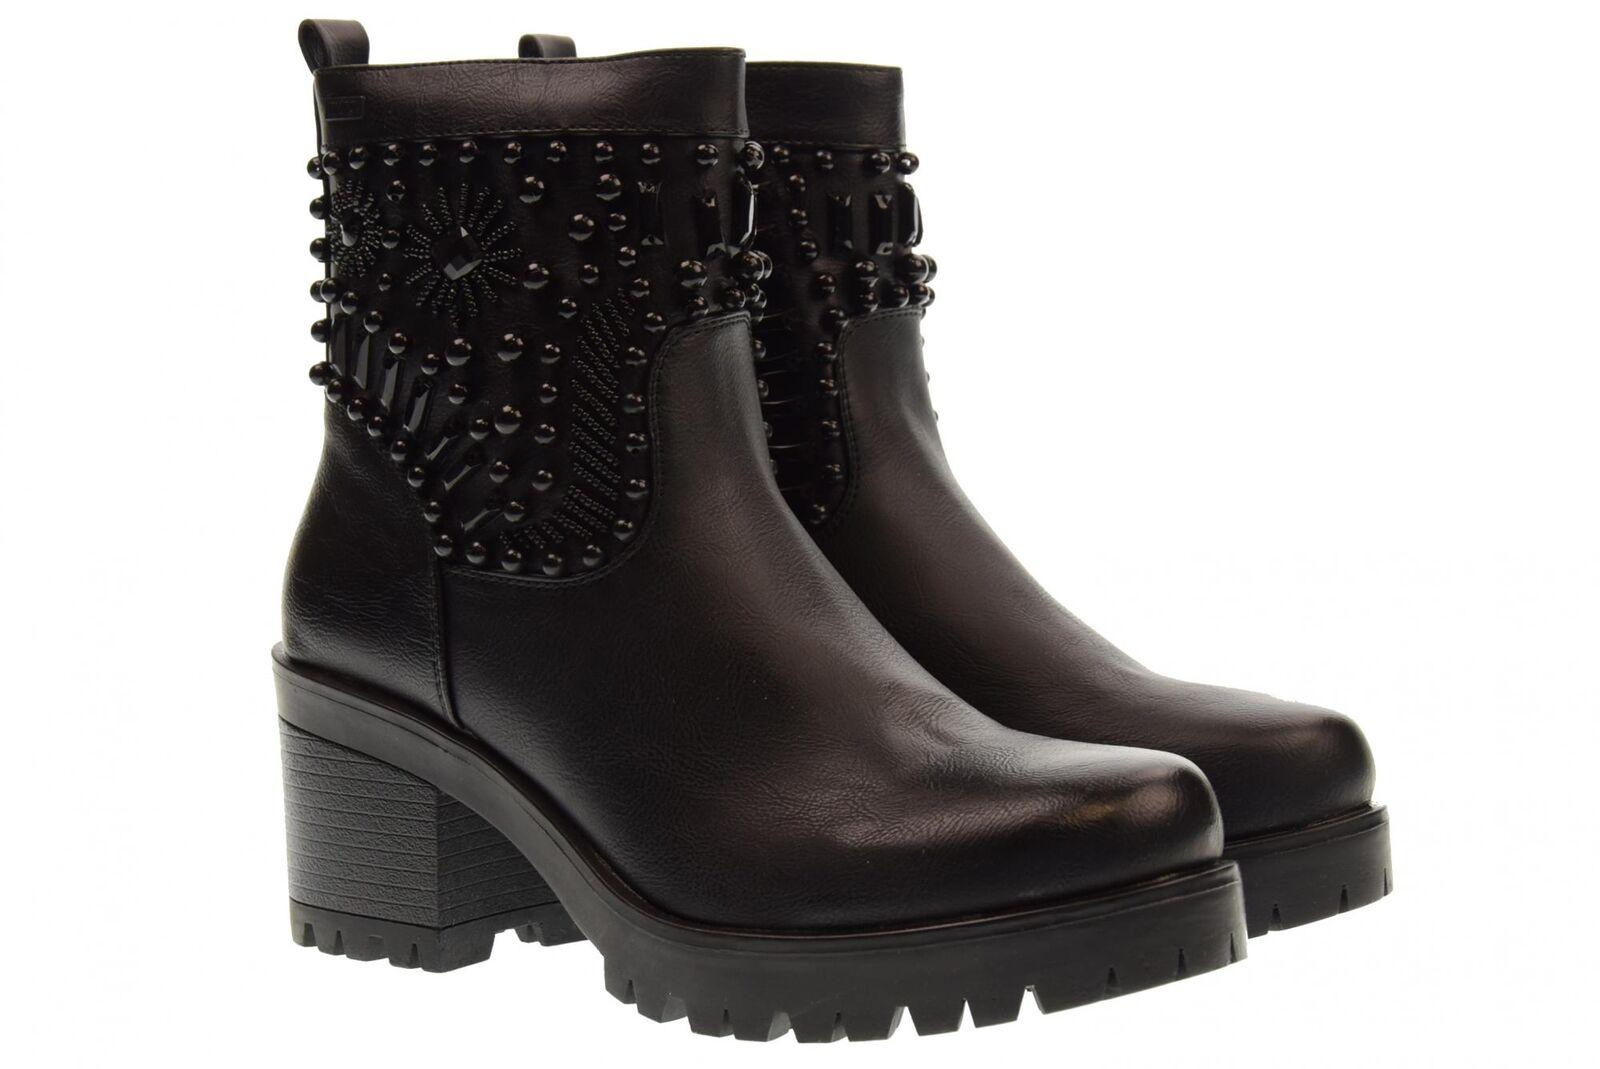 Zapatos botas al al al Tobillo Mujer mtng A18u 57643 C28121 Sabine  diseñador en linea